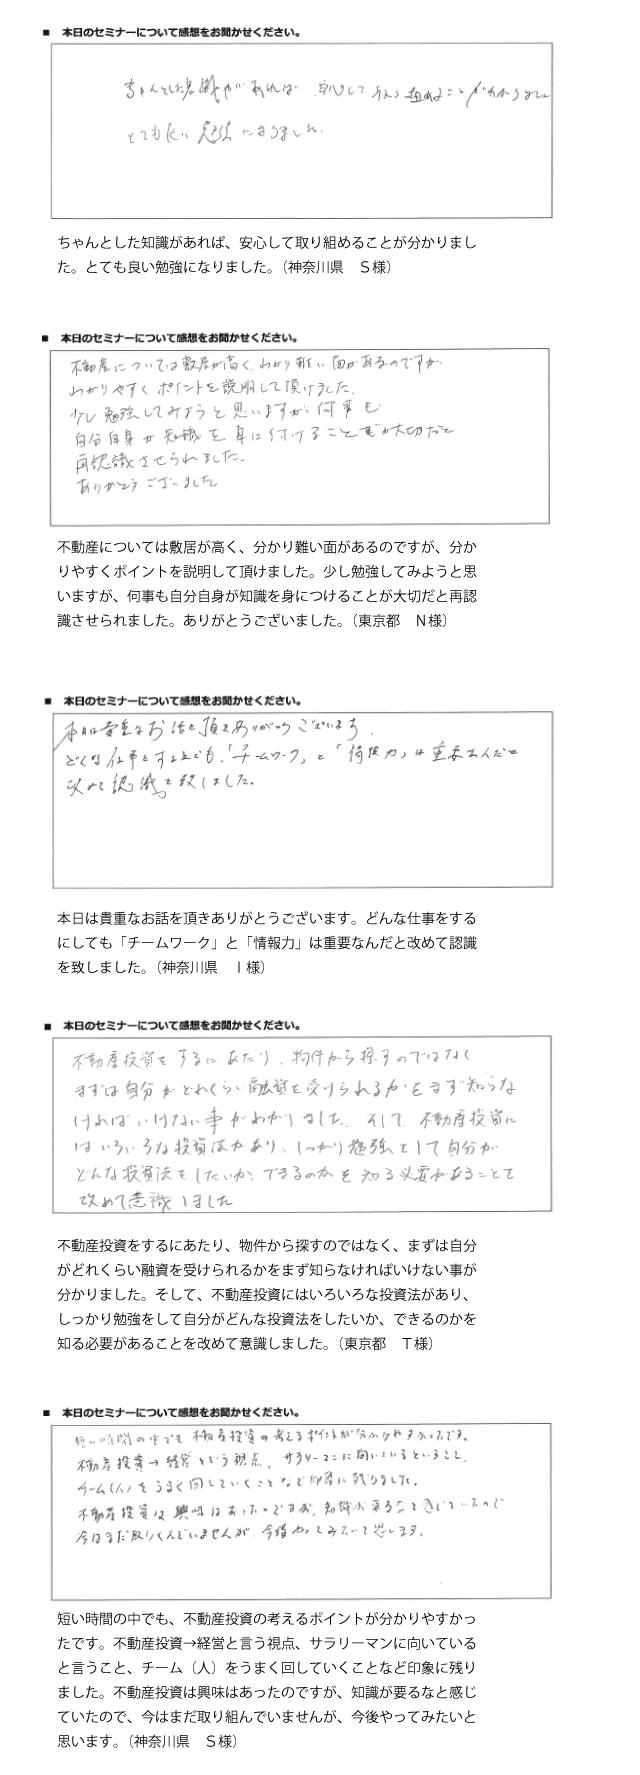 questionnaire003.png